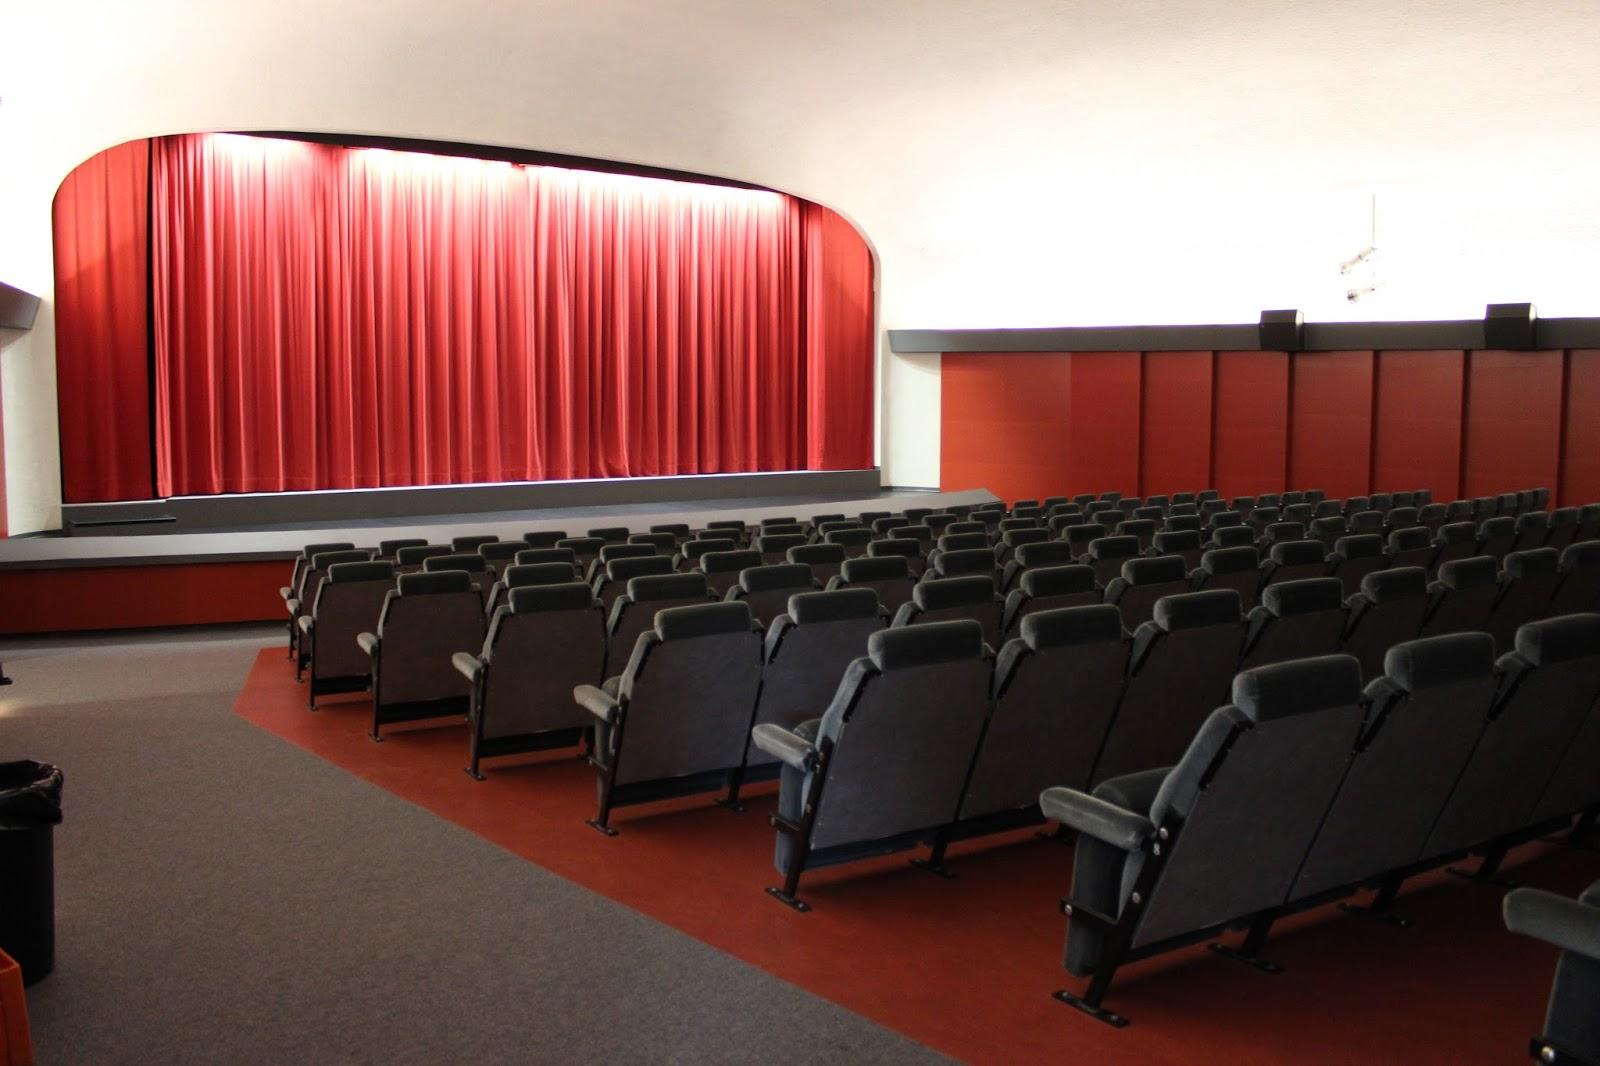 Sinin leffablogi: Vieraissa: Kino Tapiola